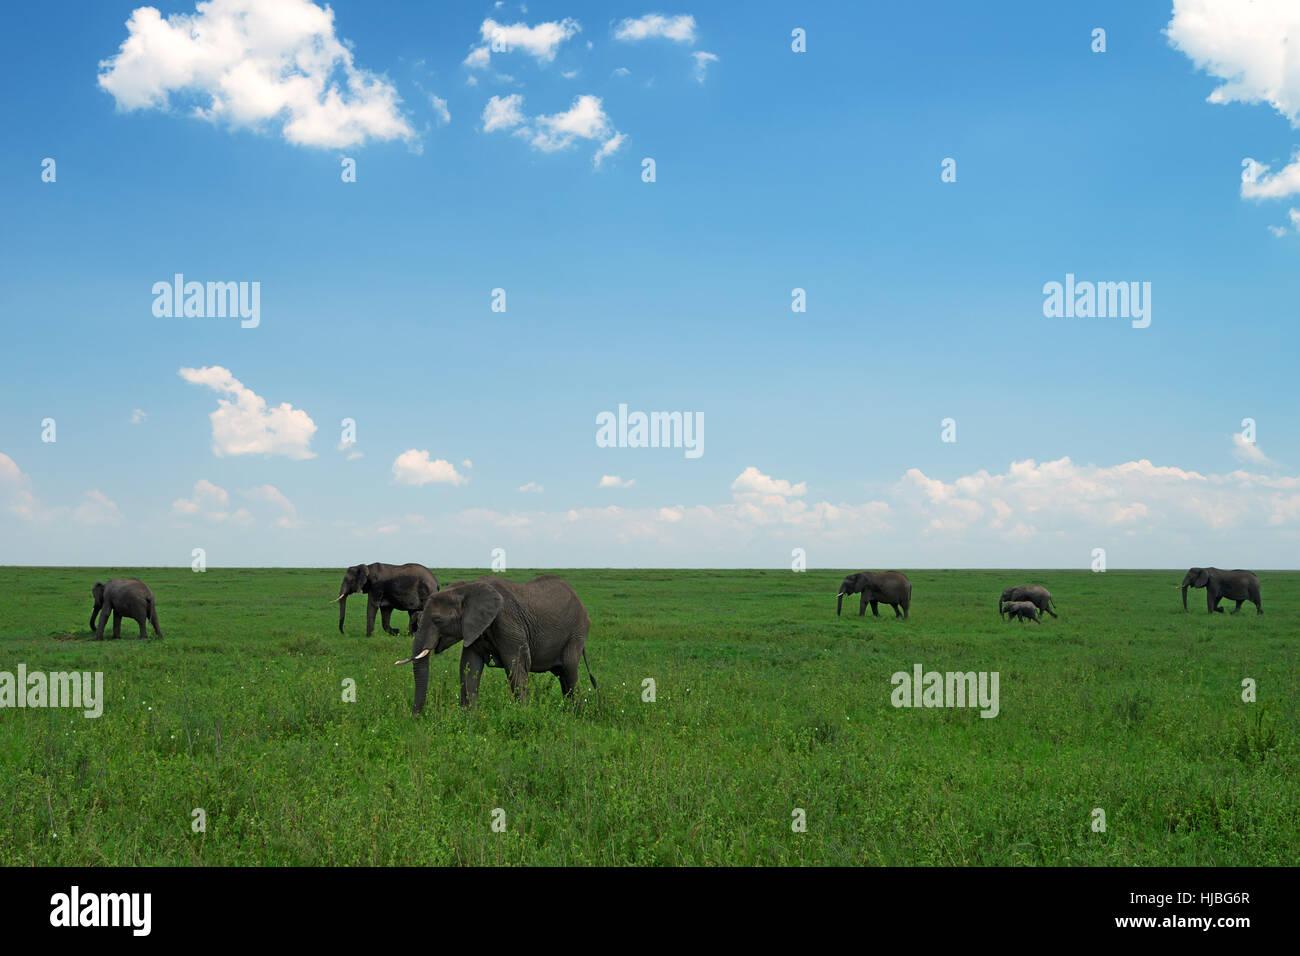 Groupe d'éléphants africains dans les savanes Photo Stock